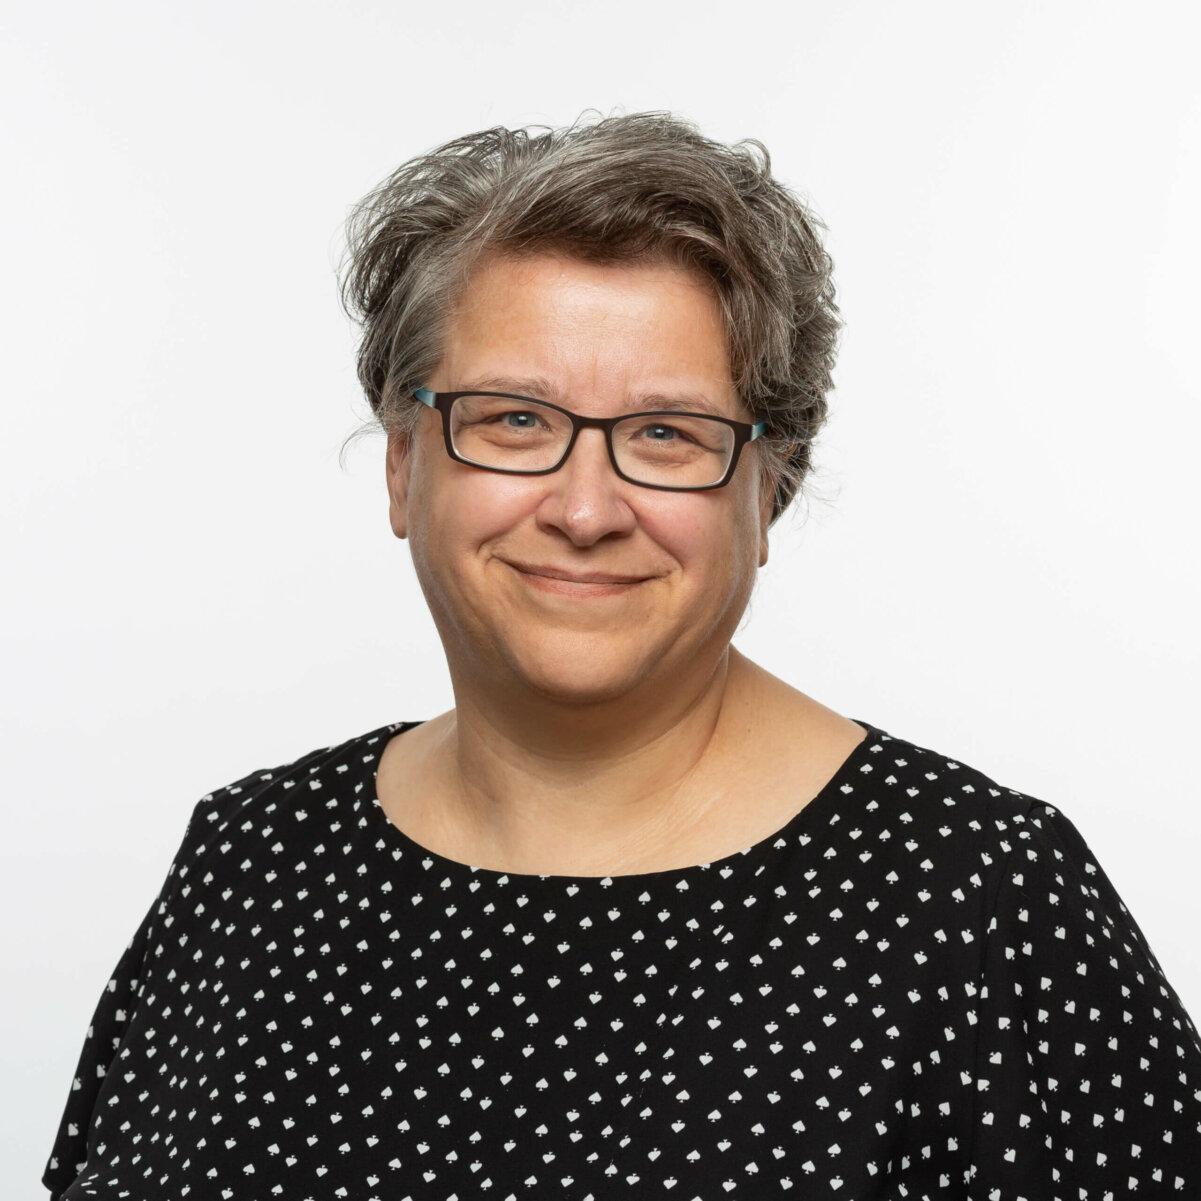 Manuela Klar